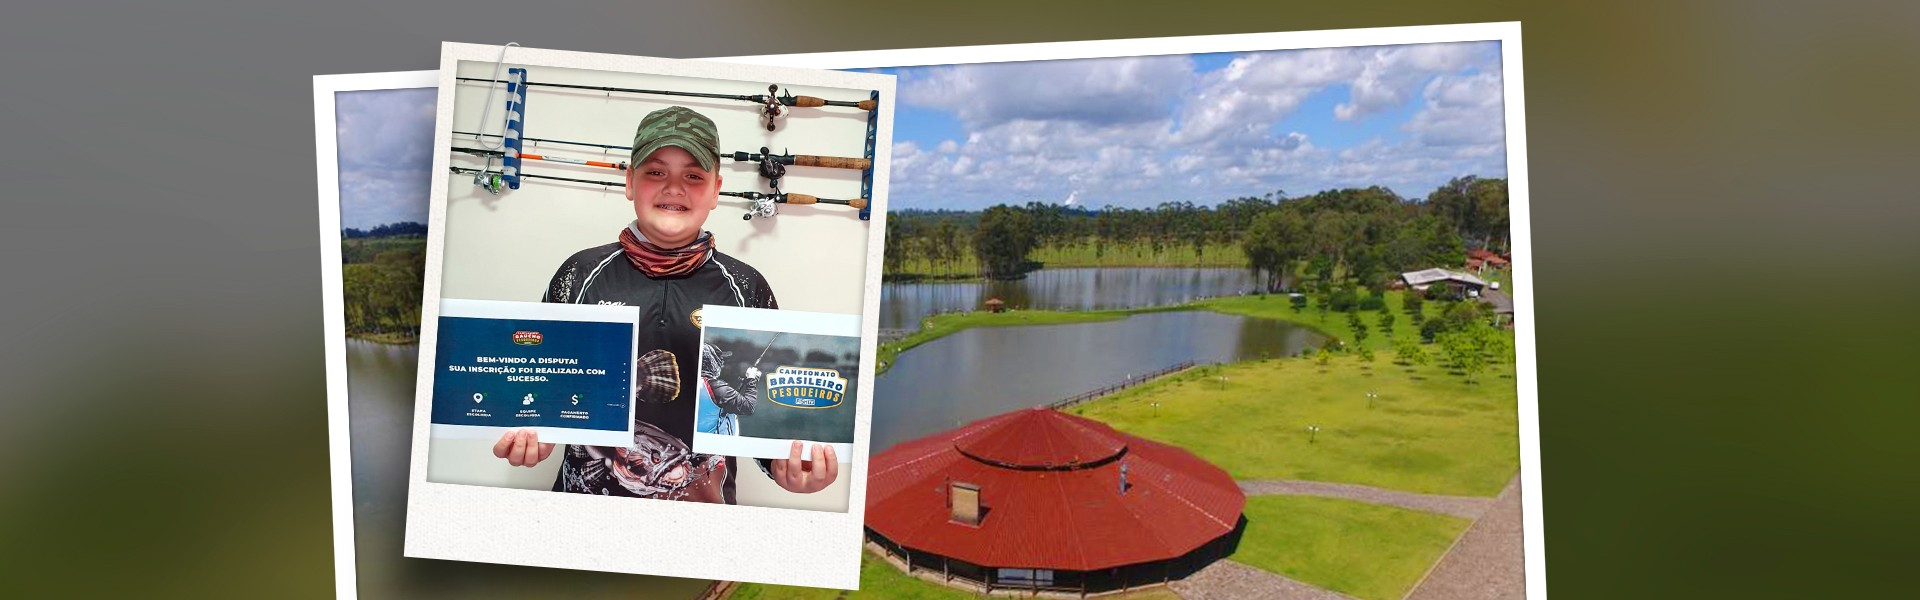 Menino de 11 anos ganha inscrição para o Campeonato Brasileiro em Pesqueiros